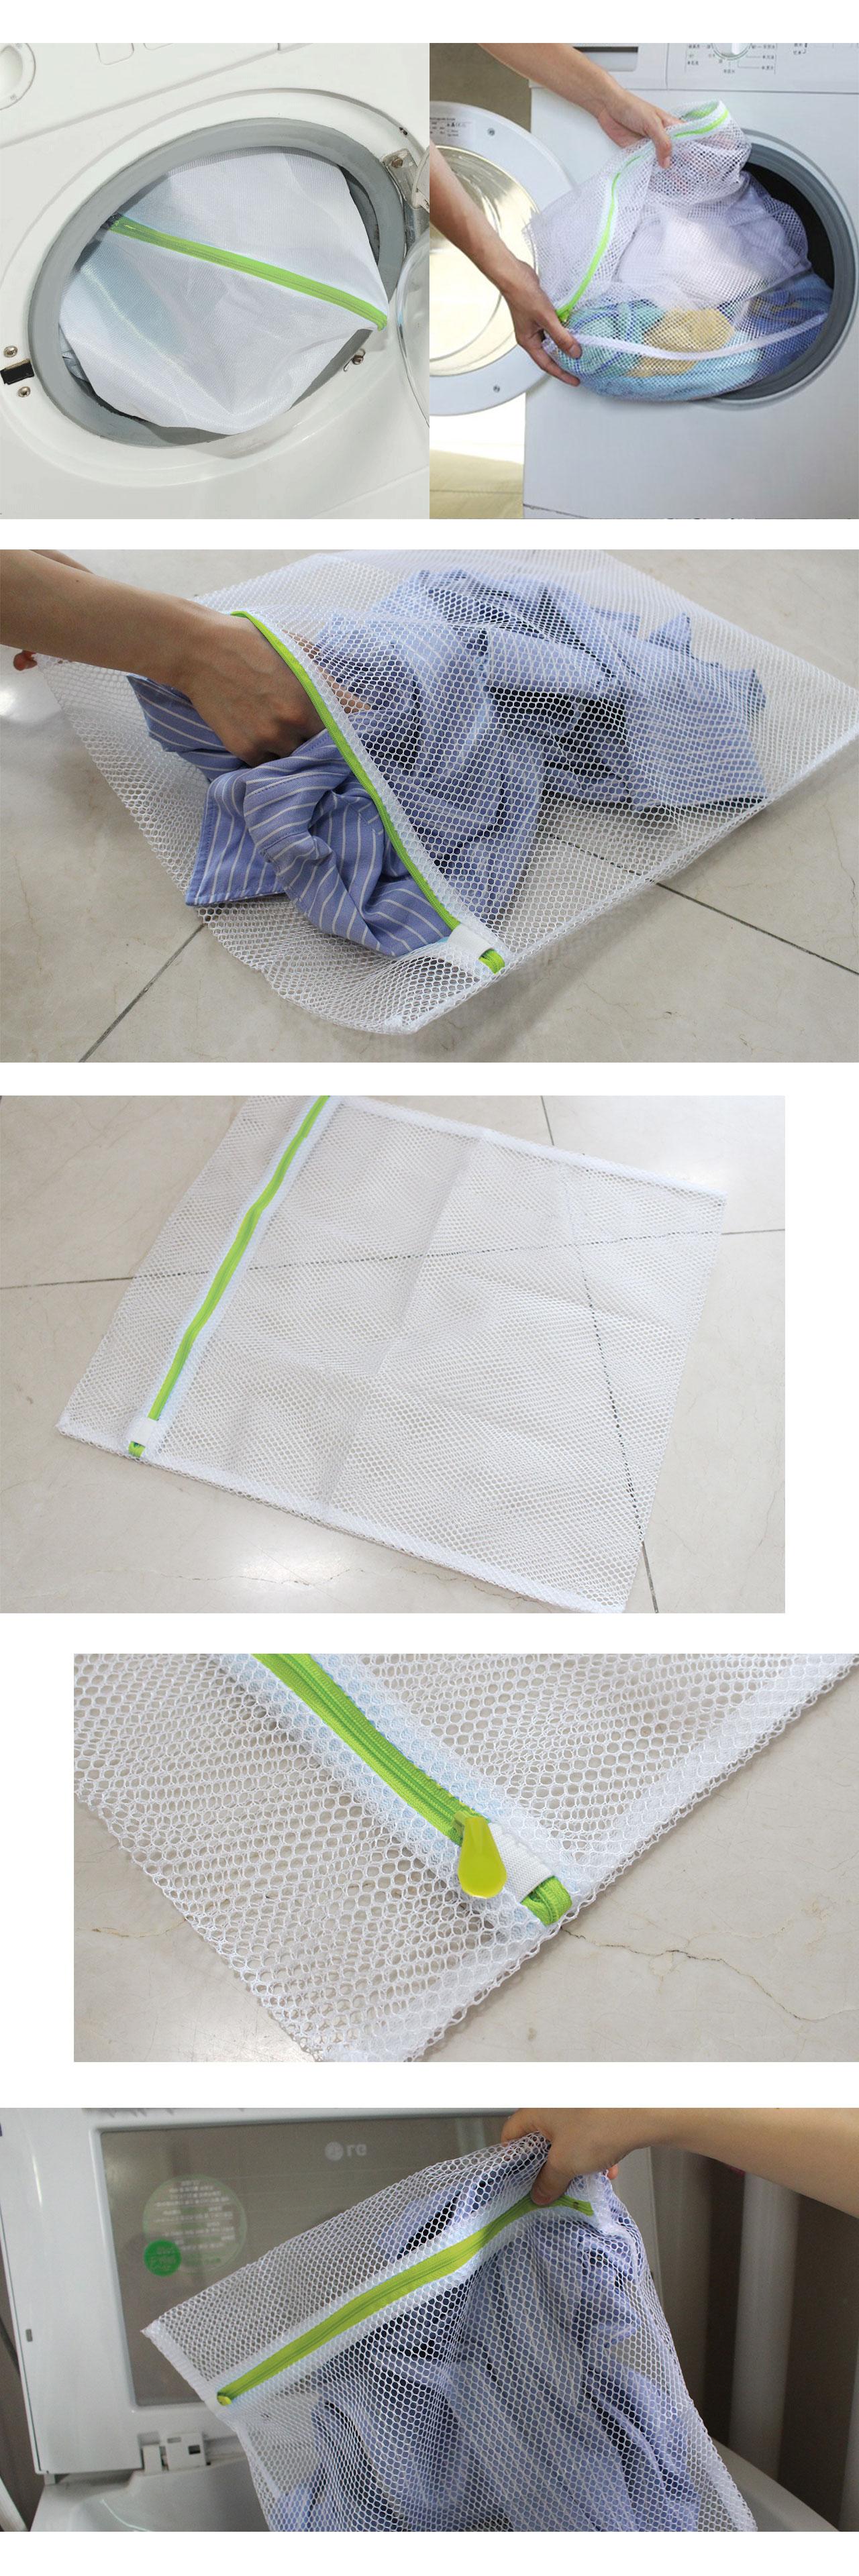 시바타 Y셔츠 T셔츠 세탁망 - 드레텍, 3,900원, 세탁용품, 세탁망/세탁볼